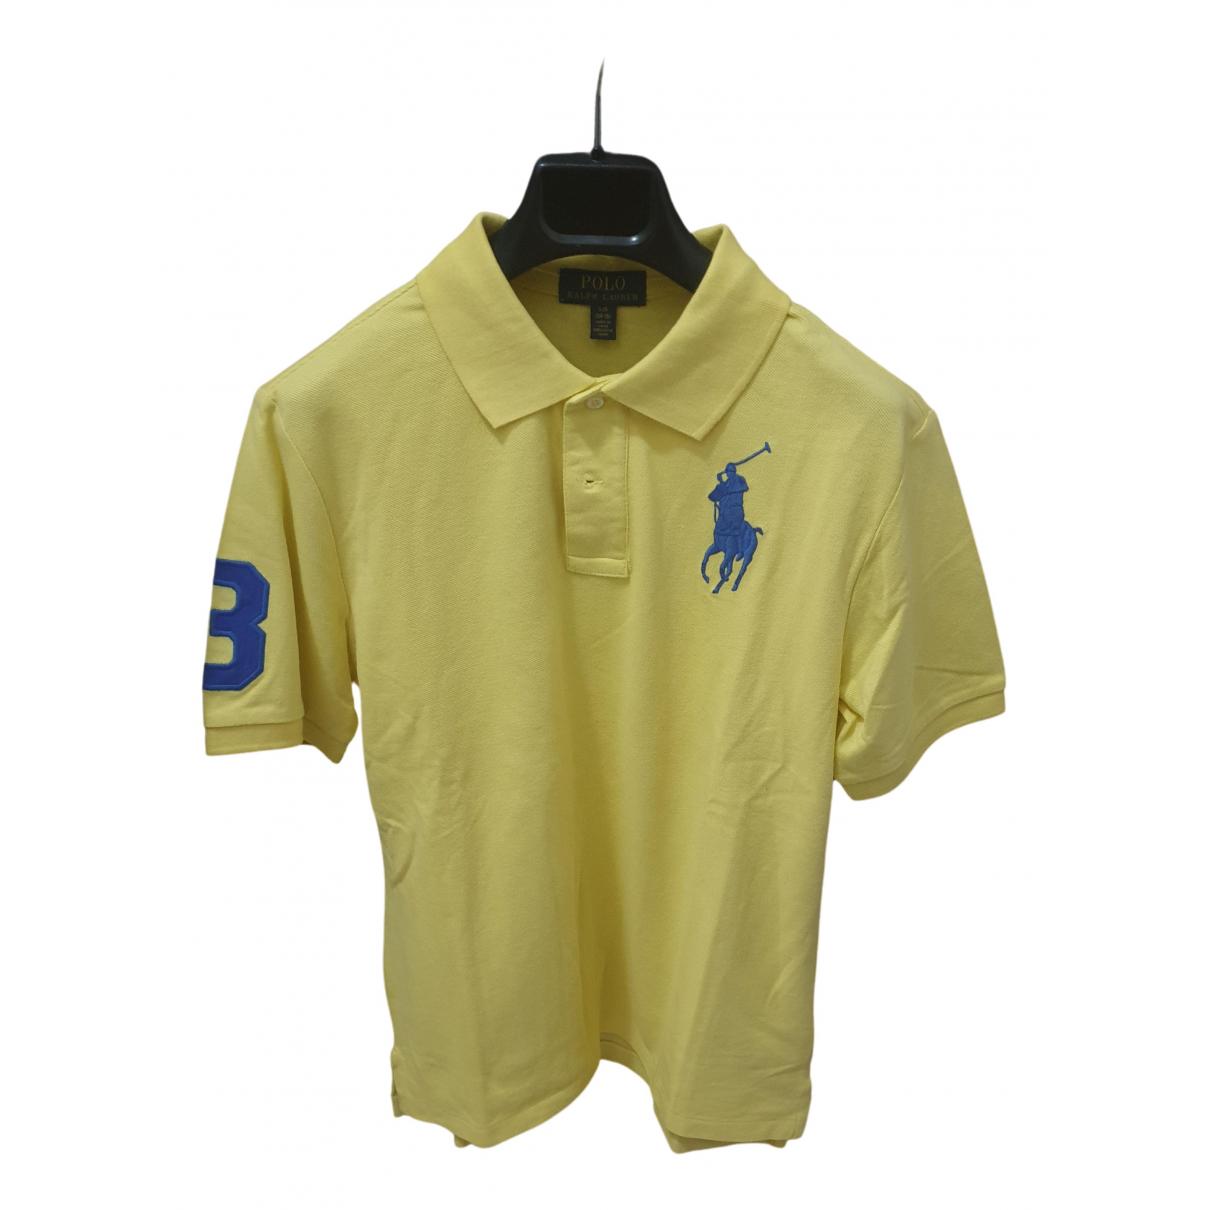 Polo Ralph Lauren - Polos Polo classique manches courtes pour homme en coton - jaune